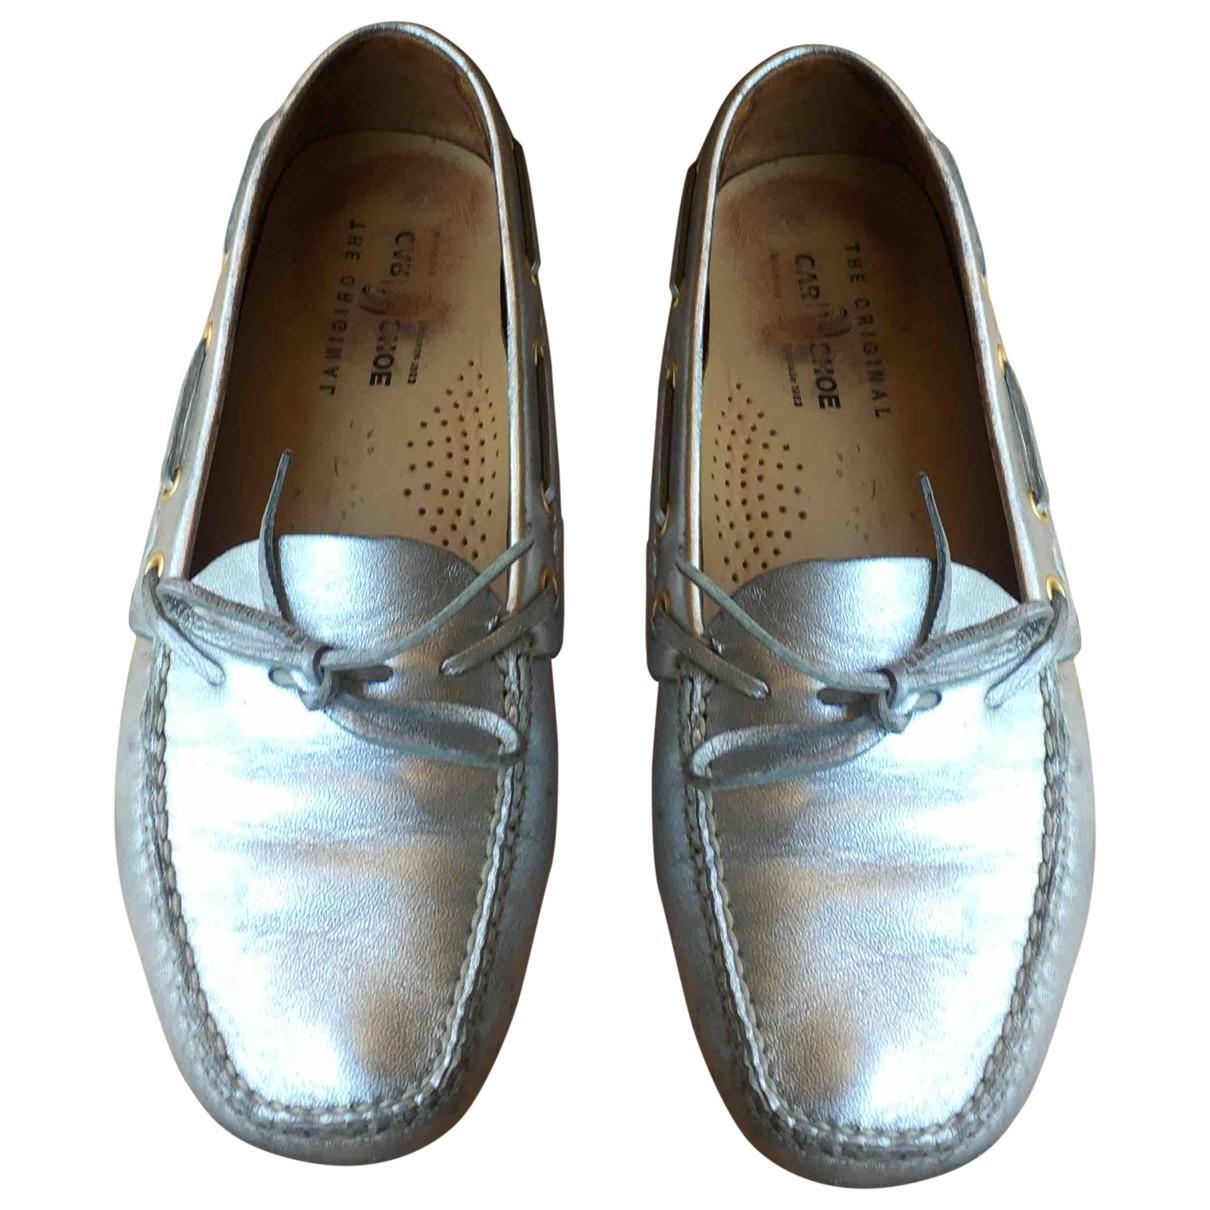 Carshoe \N Mokassins in  Silber Leder